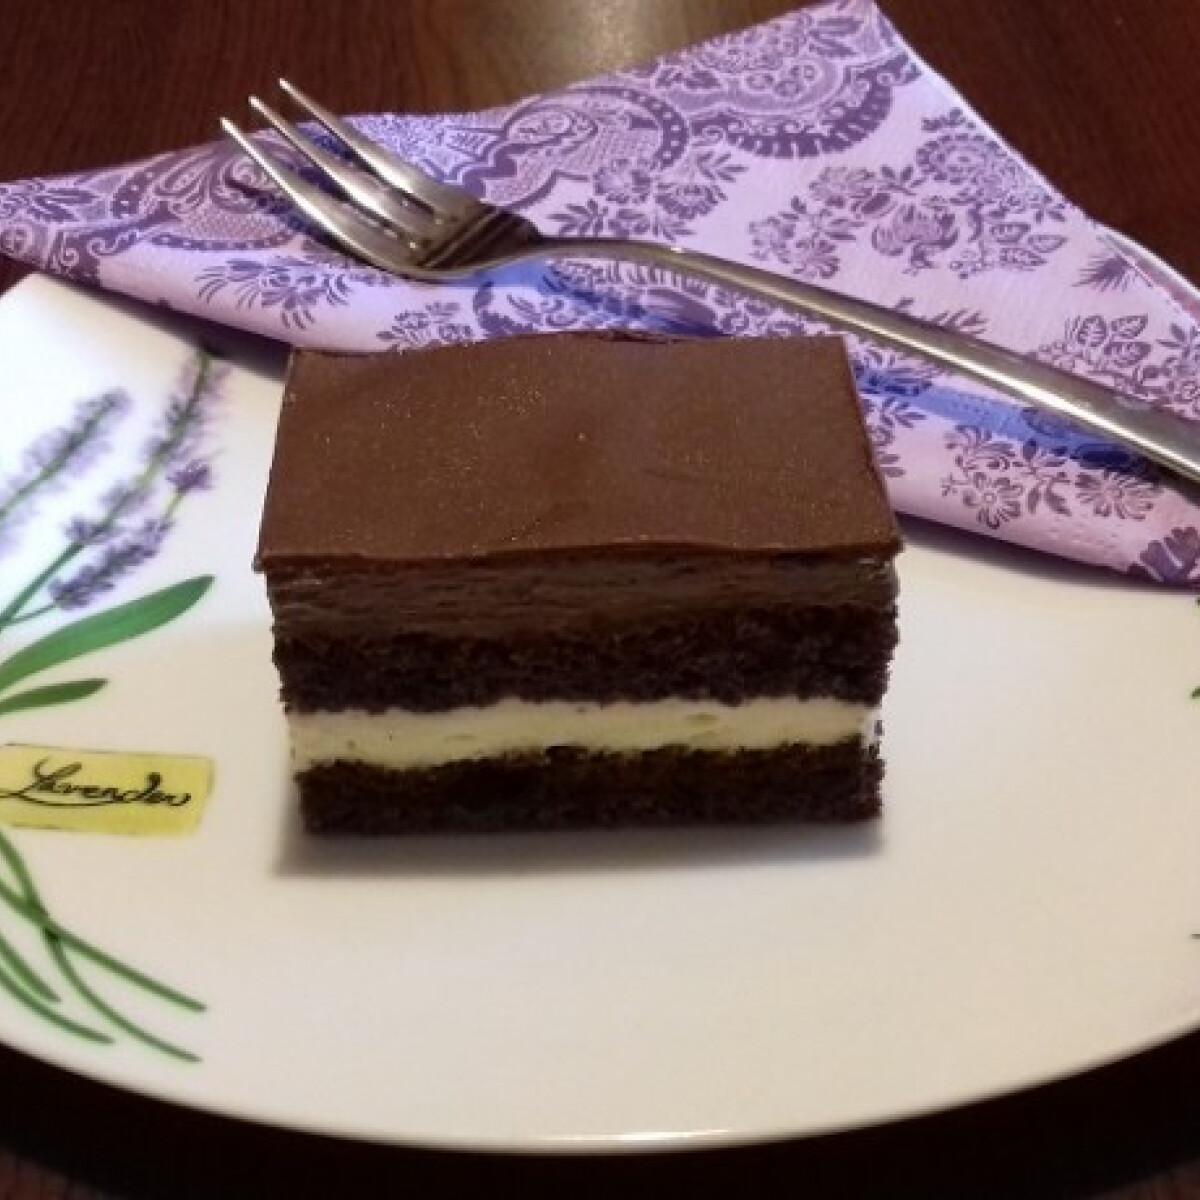 Ezen a képen: Kapucíner szelet BZsuzsika konyhájából